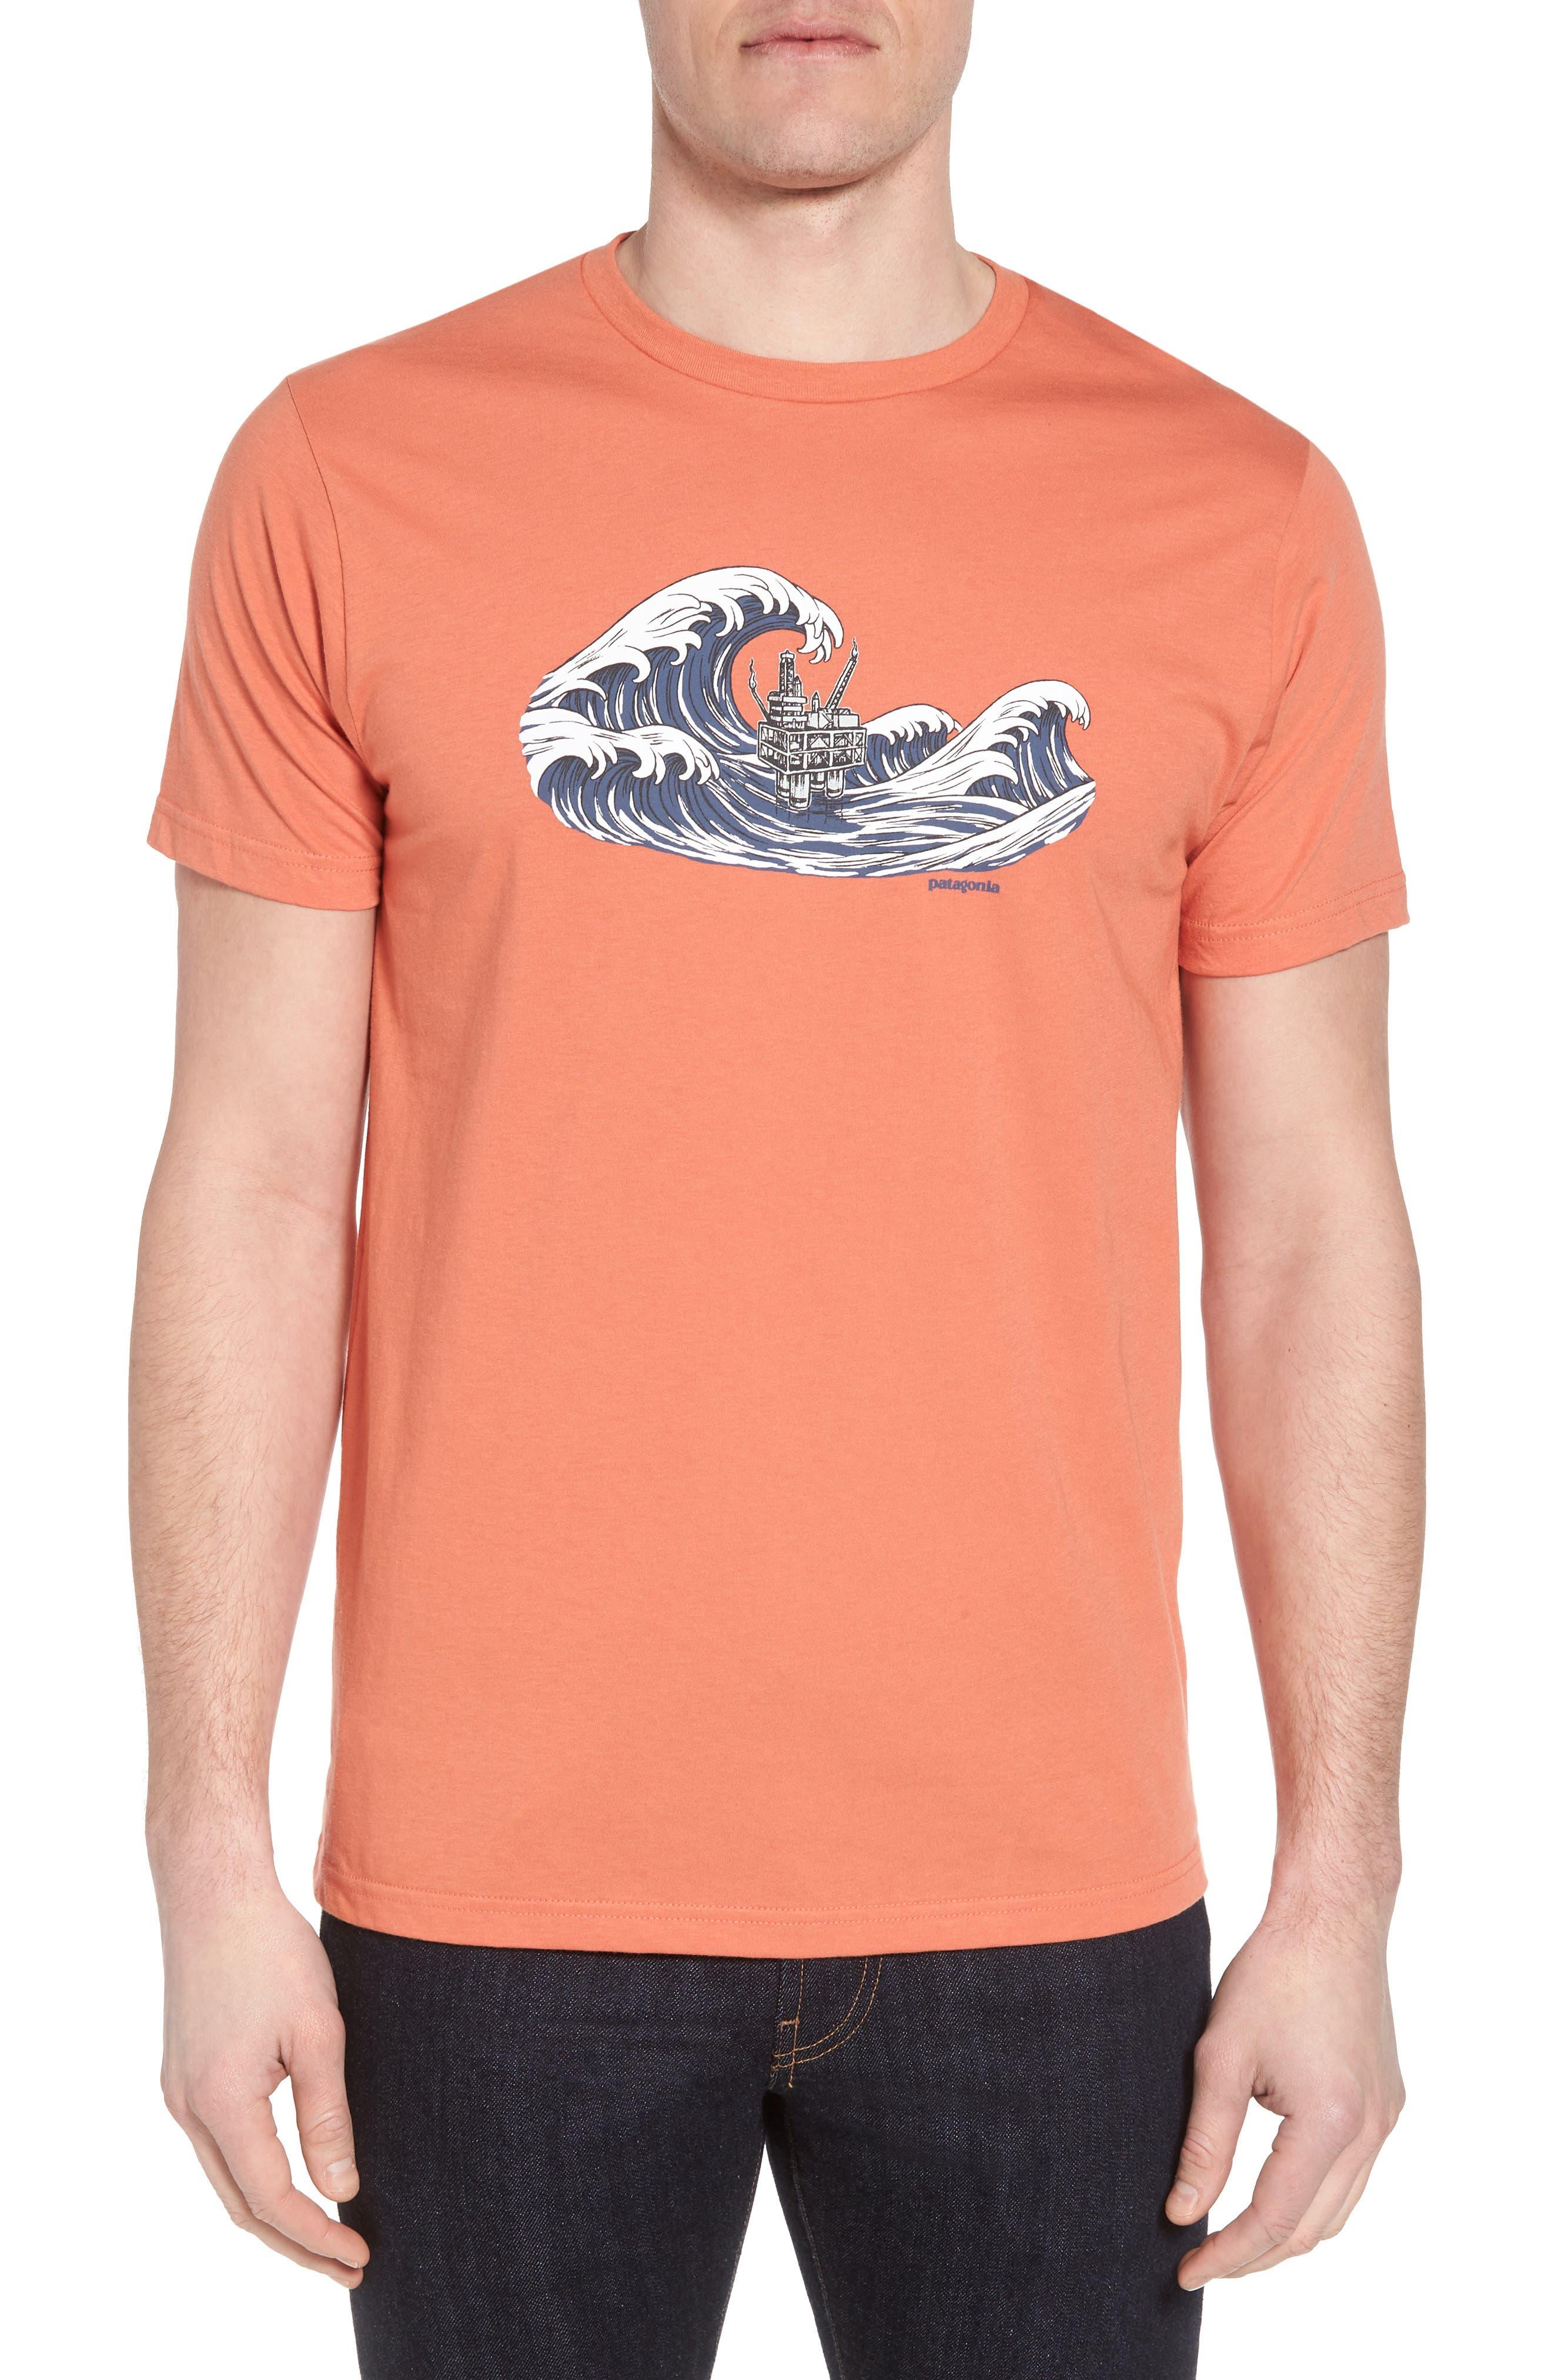 Patagonia Oily Olas Slim Fit Organic Cotton T-Shirt